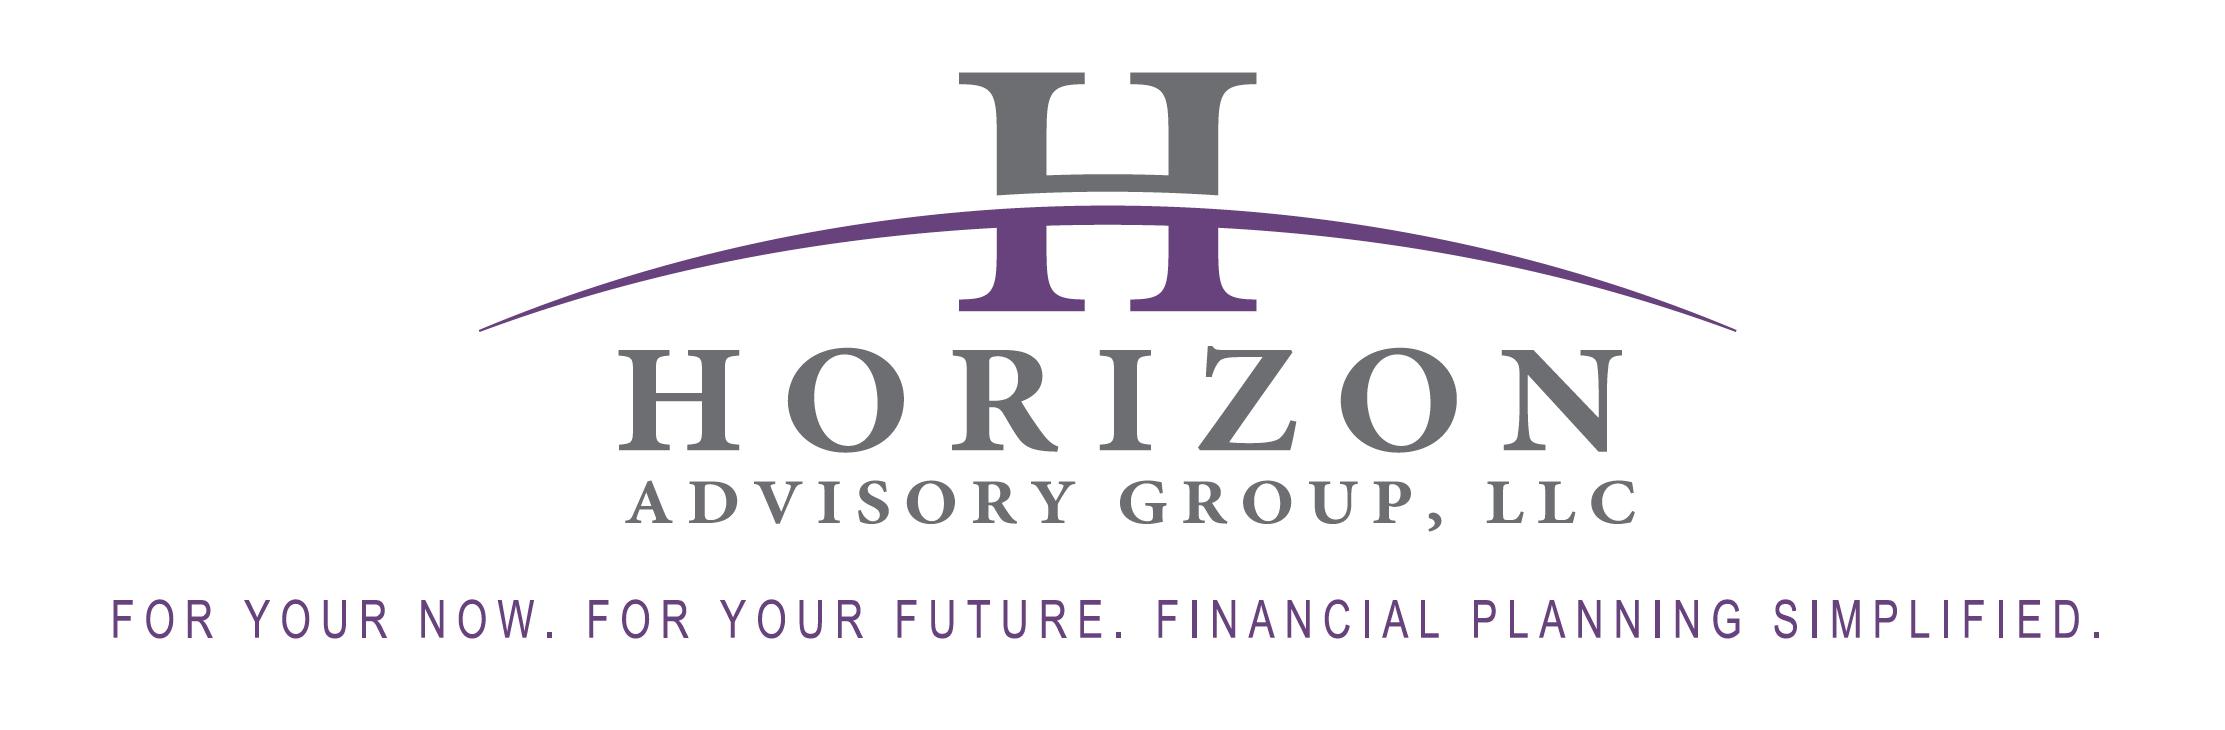 https://growthzonesitesprod.azureedge.net/wp-content/uploads/sites/787/2021/08/Horizon-Advisory-Group-logo.png